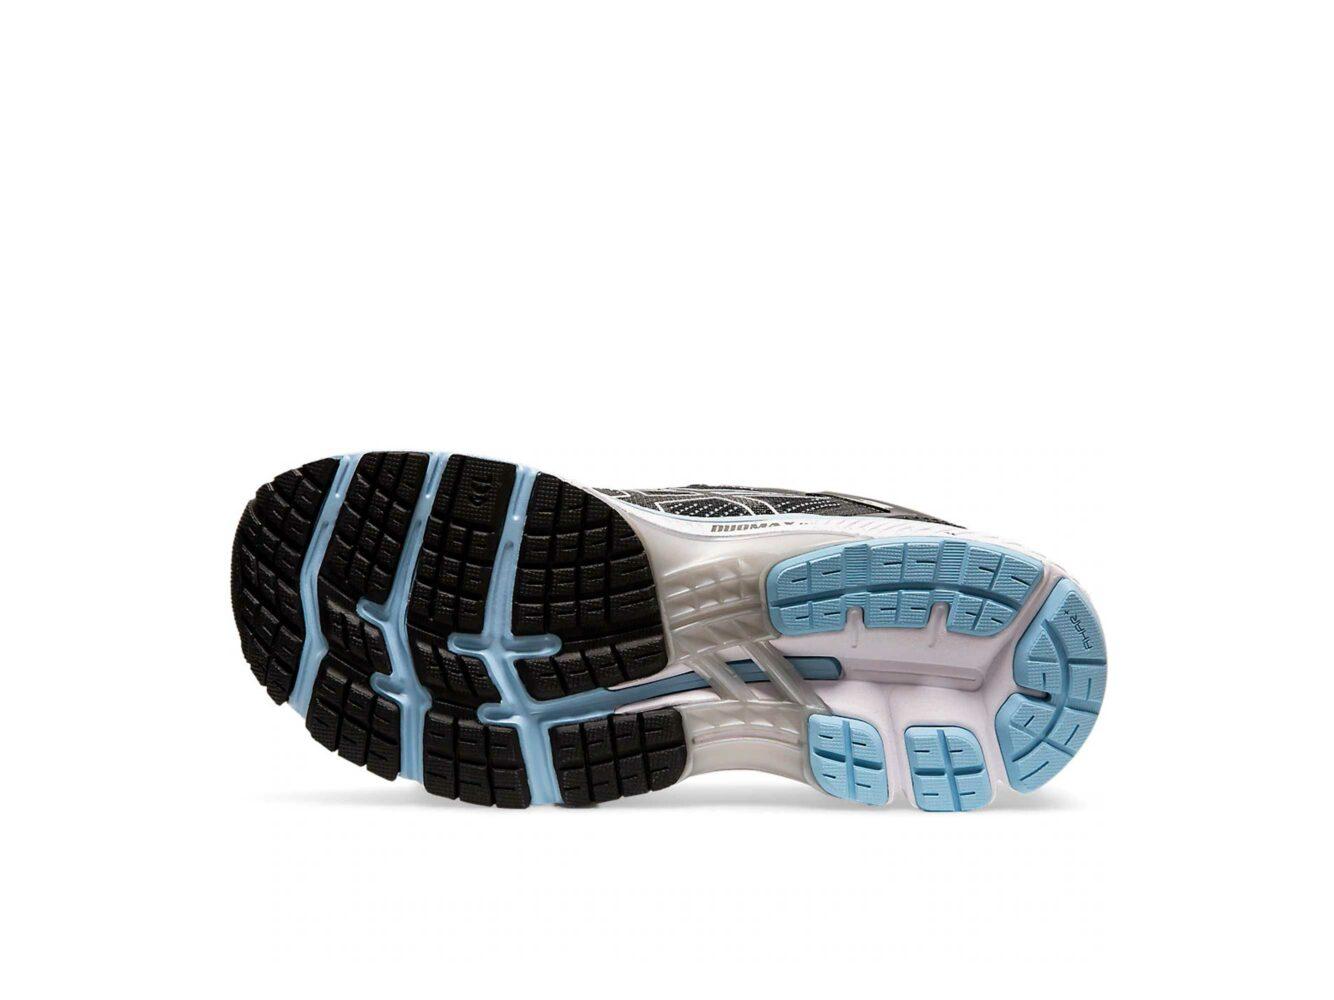 asics gel kayano 26 black heritage blue 1011A541 купить